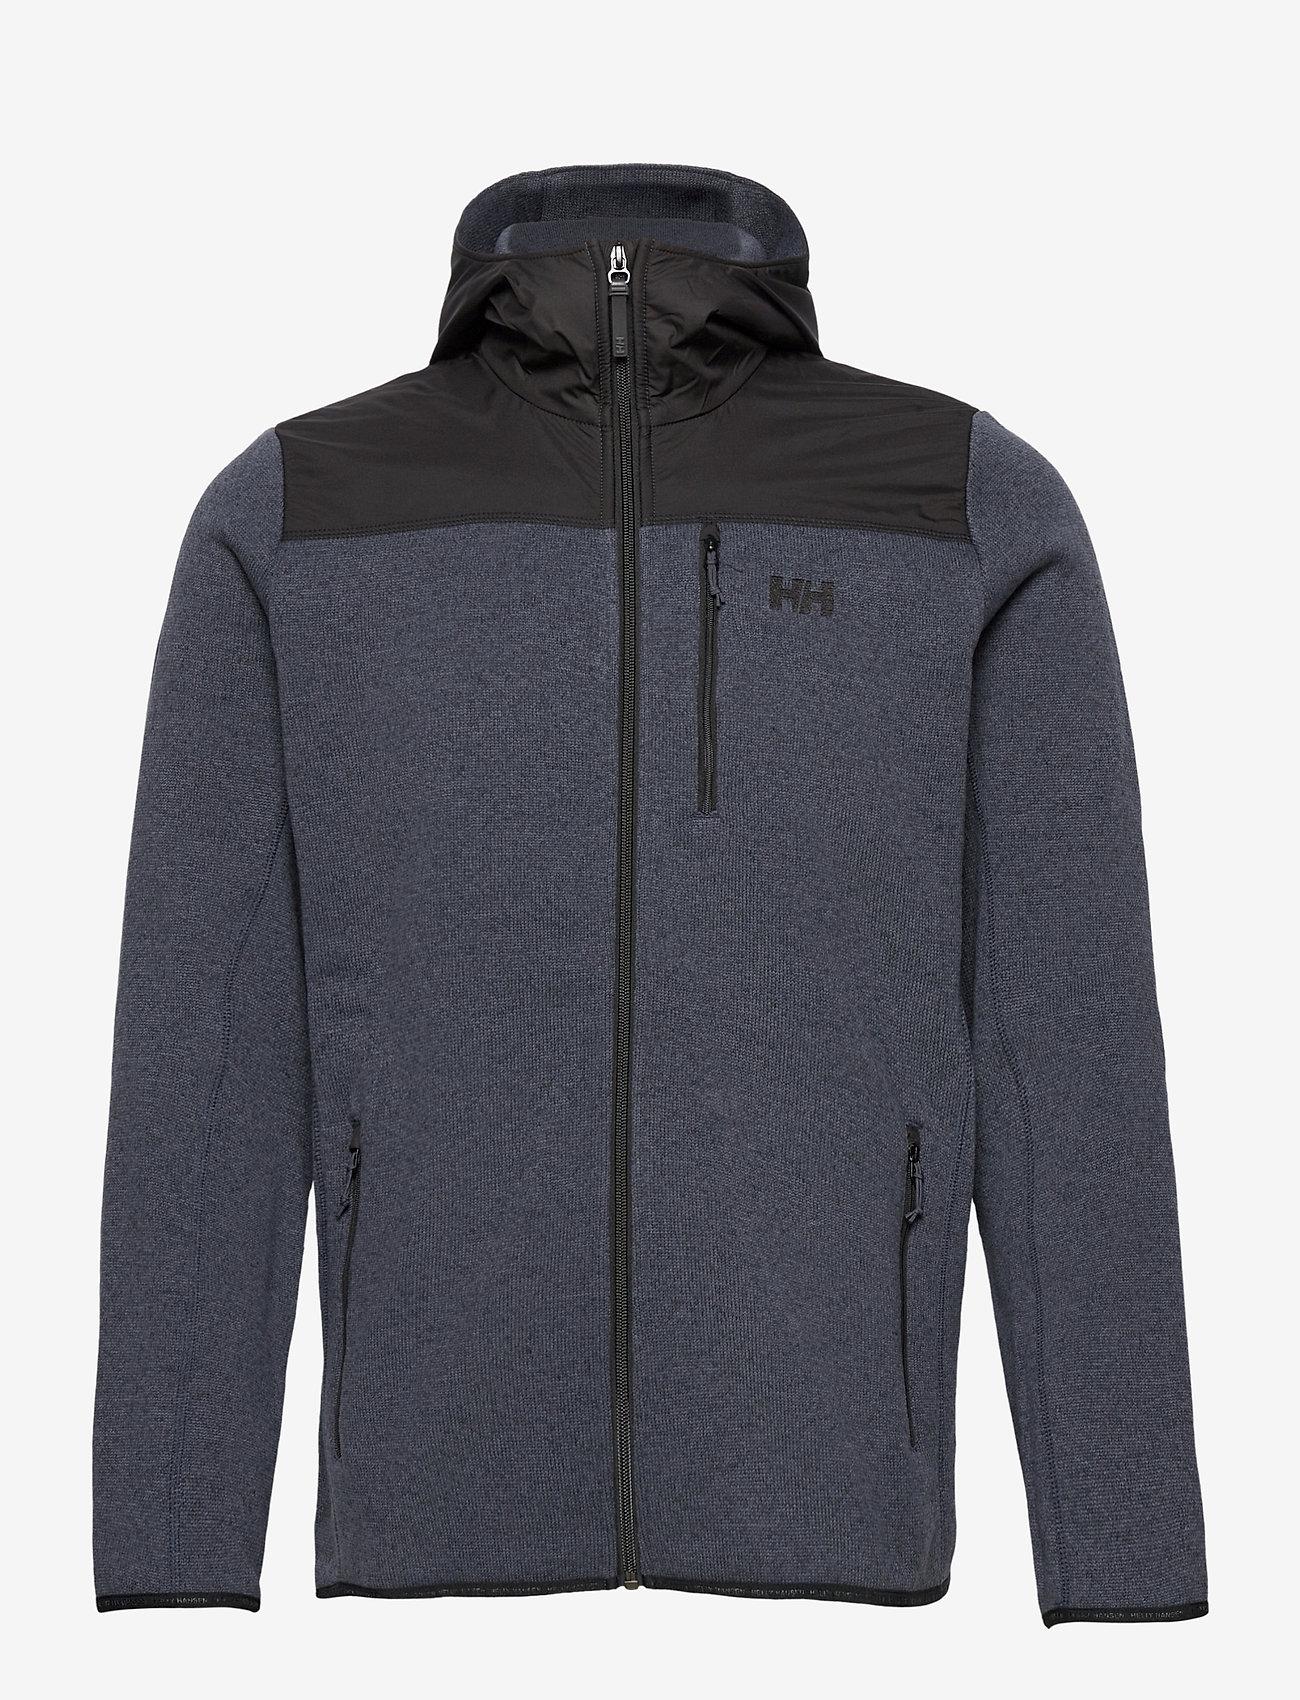 Helly Hansen - VARDE HOODED FLEECE JACKET - basic-sweatshirts - slate - 1